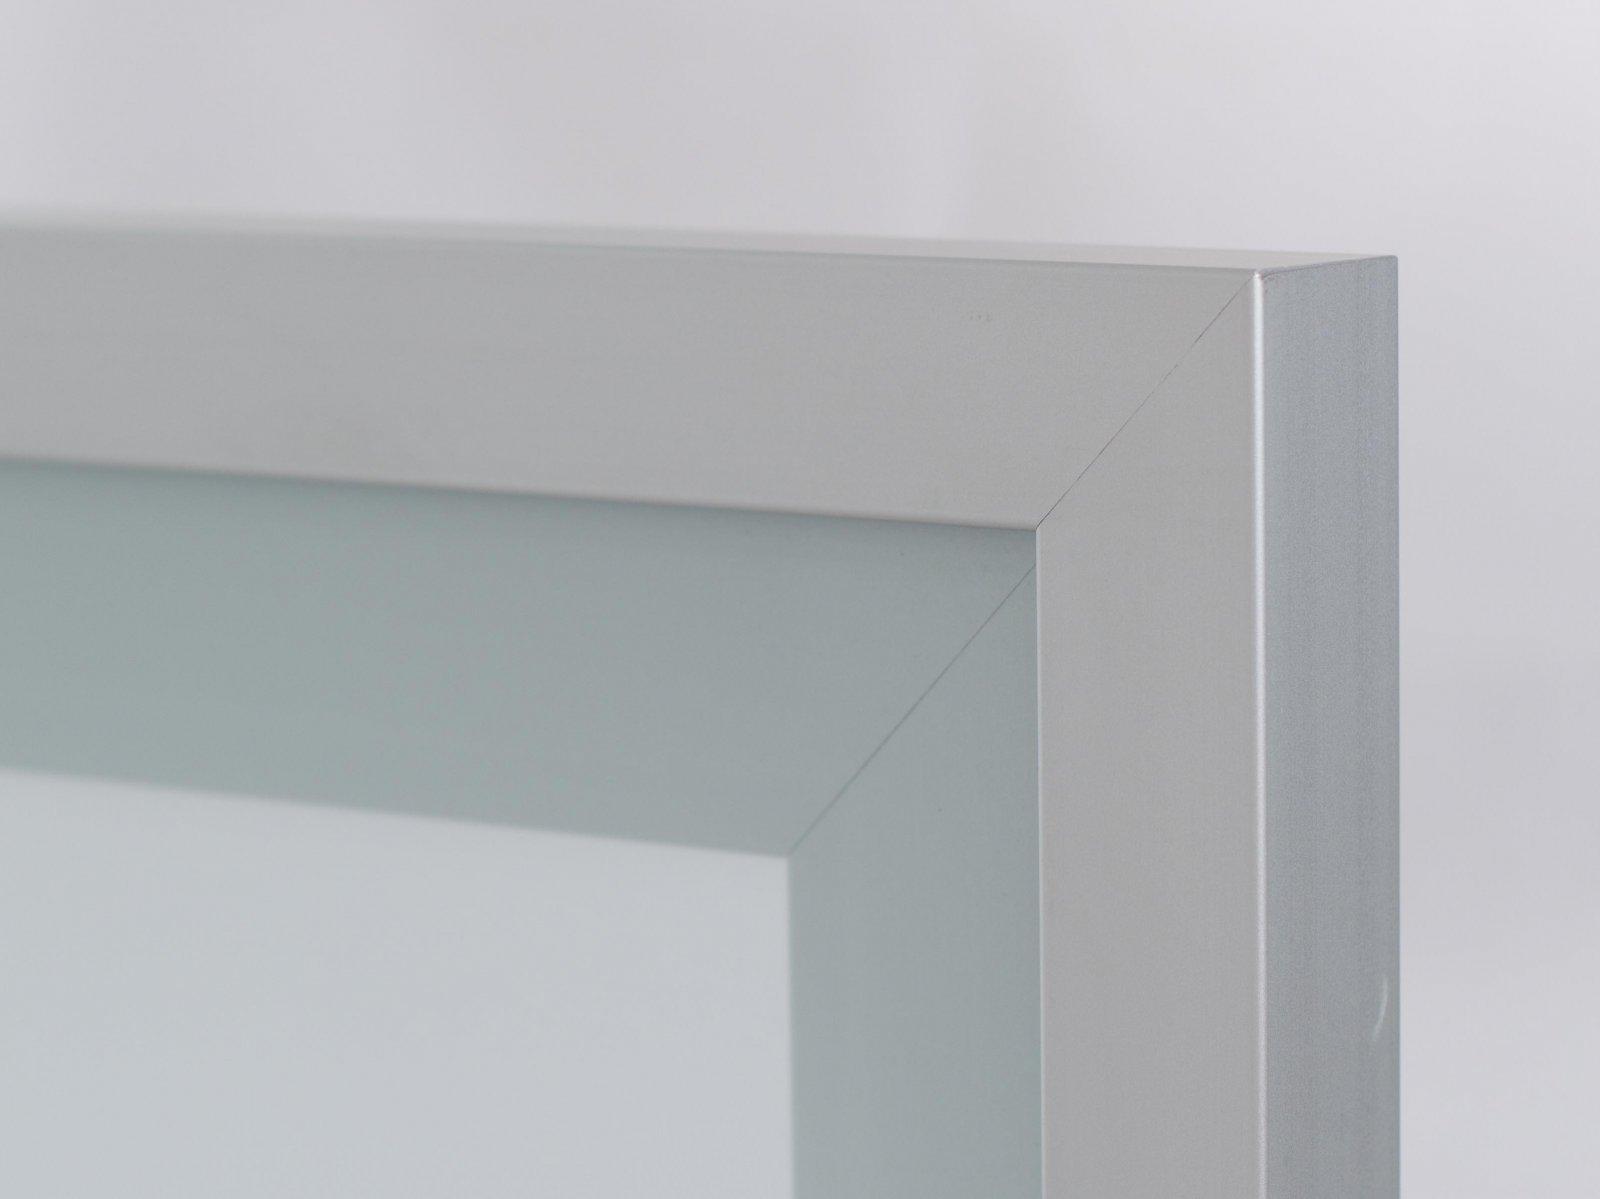 Porta-12 (Perfil V09 mate + vidro fosco)